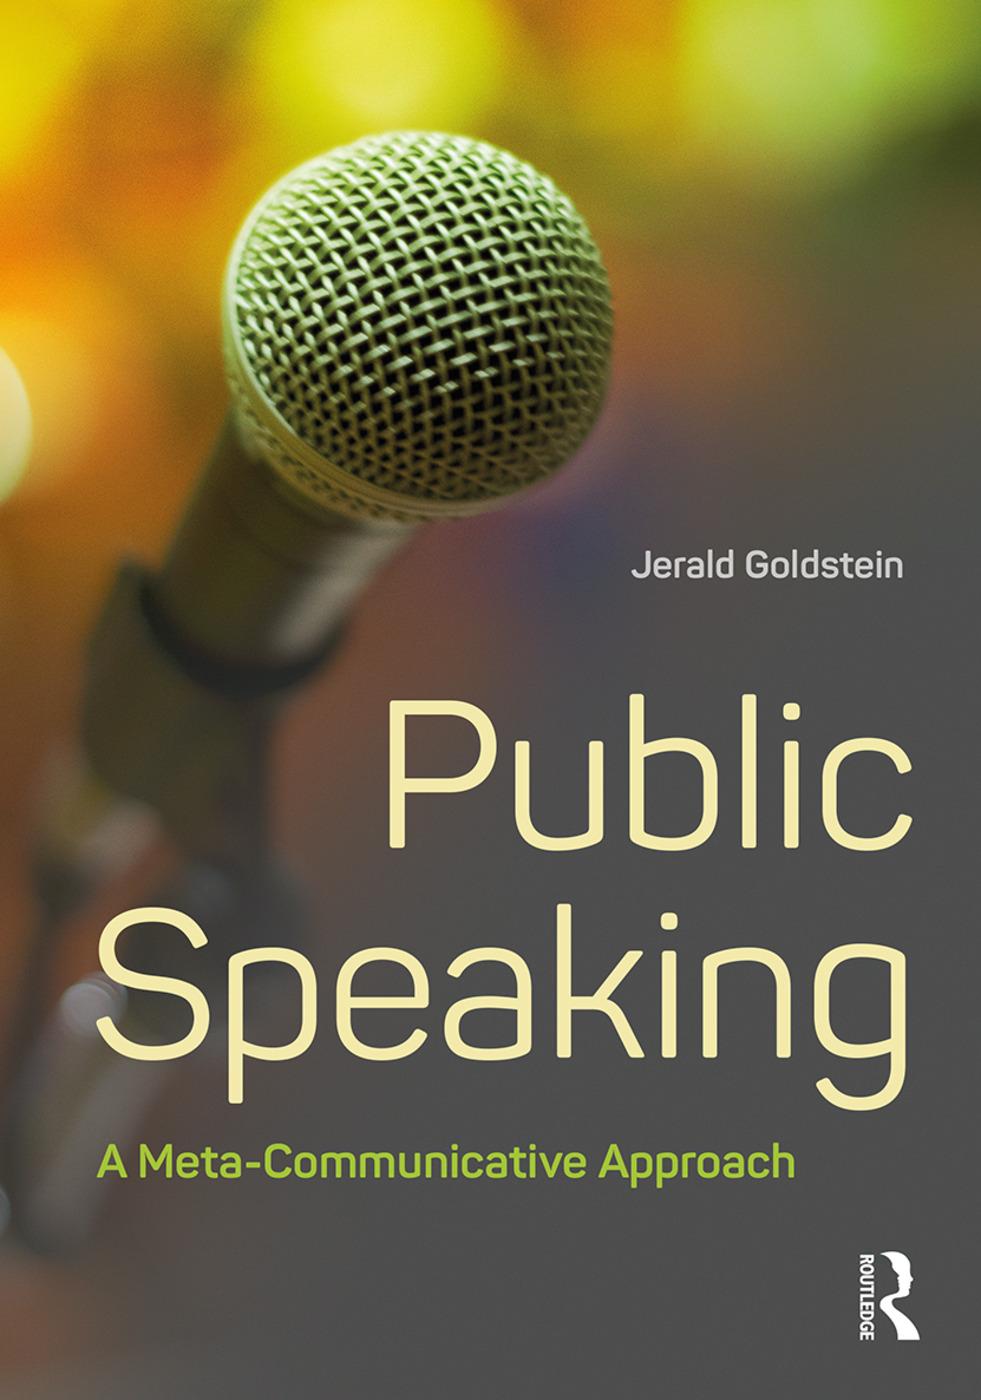 Public Speaking: A Meta-Communicative Approach book cover